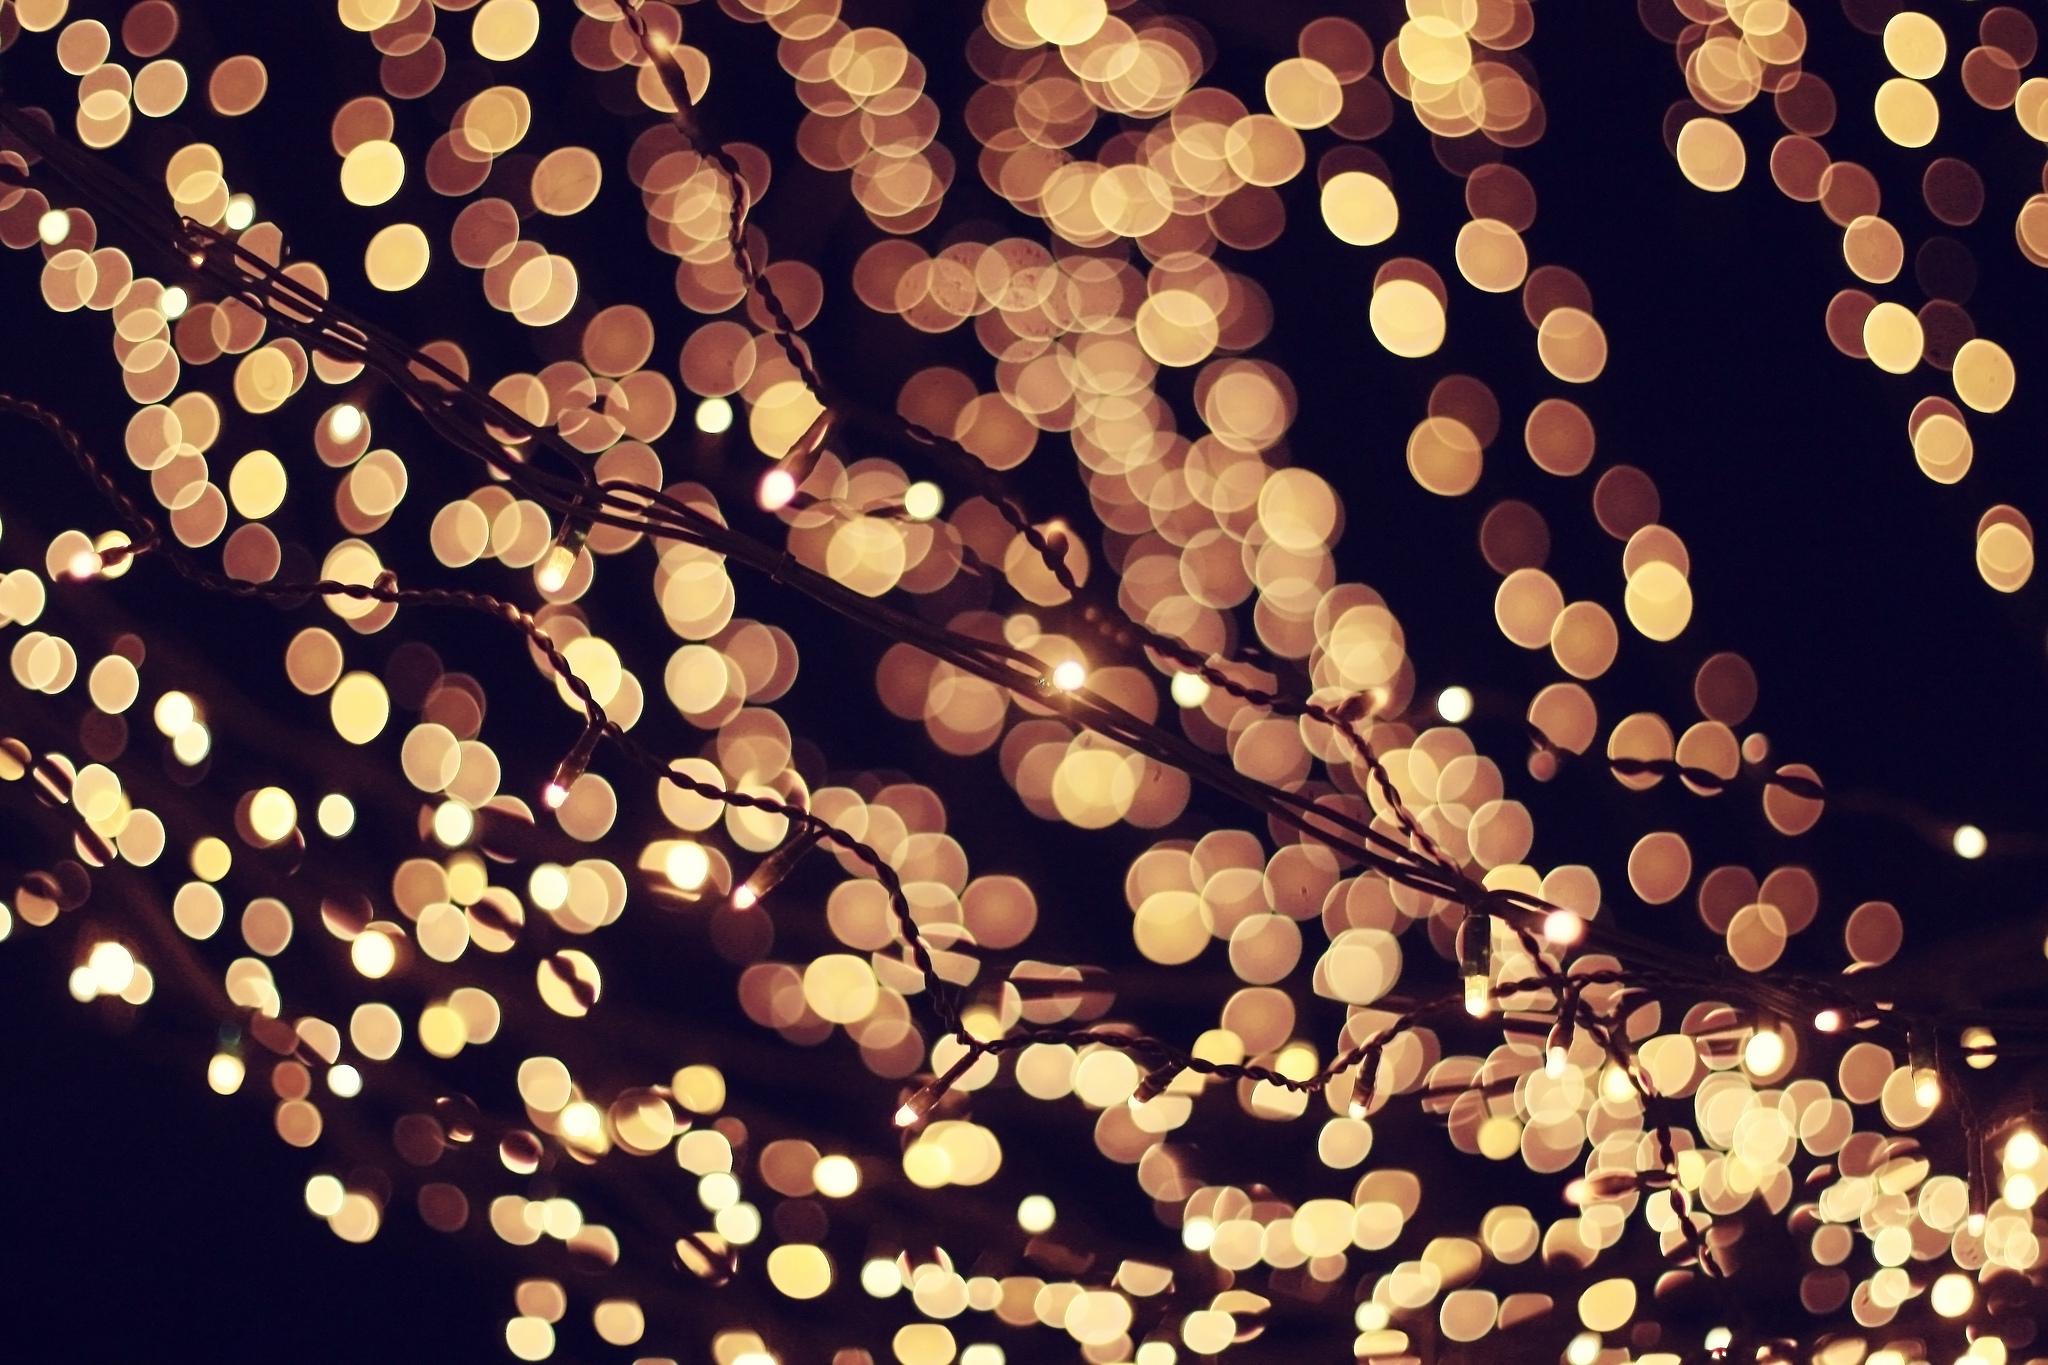 Золотые огни без смс